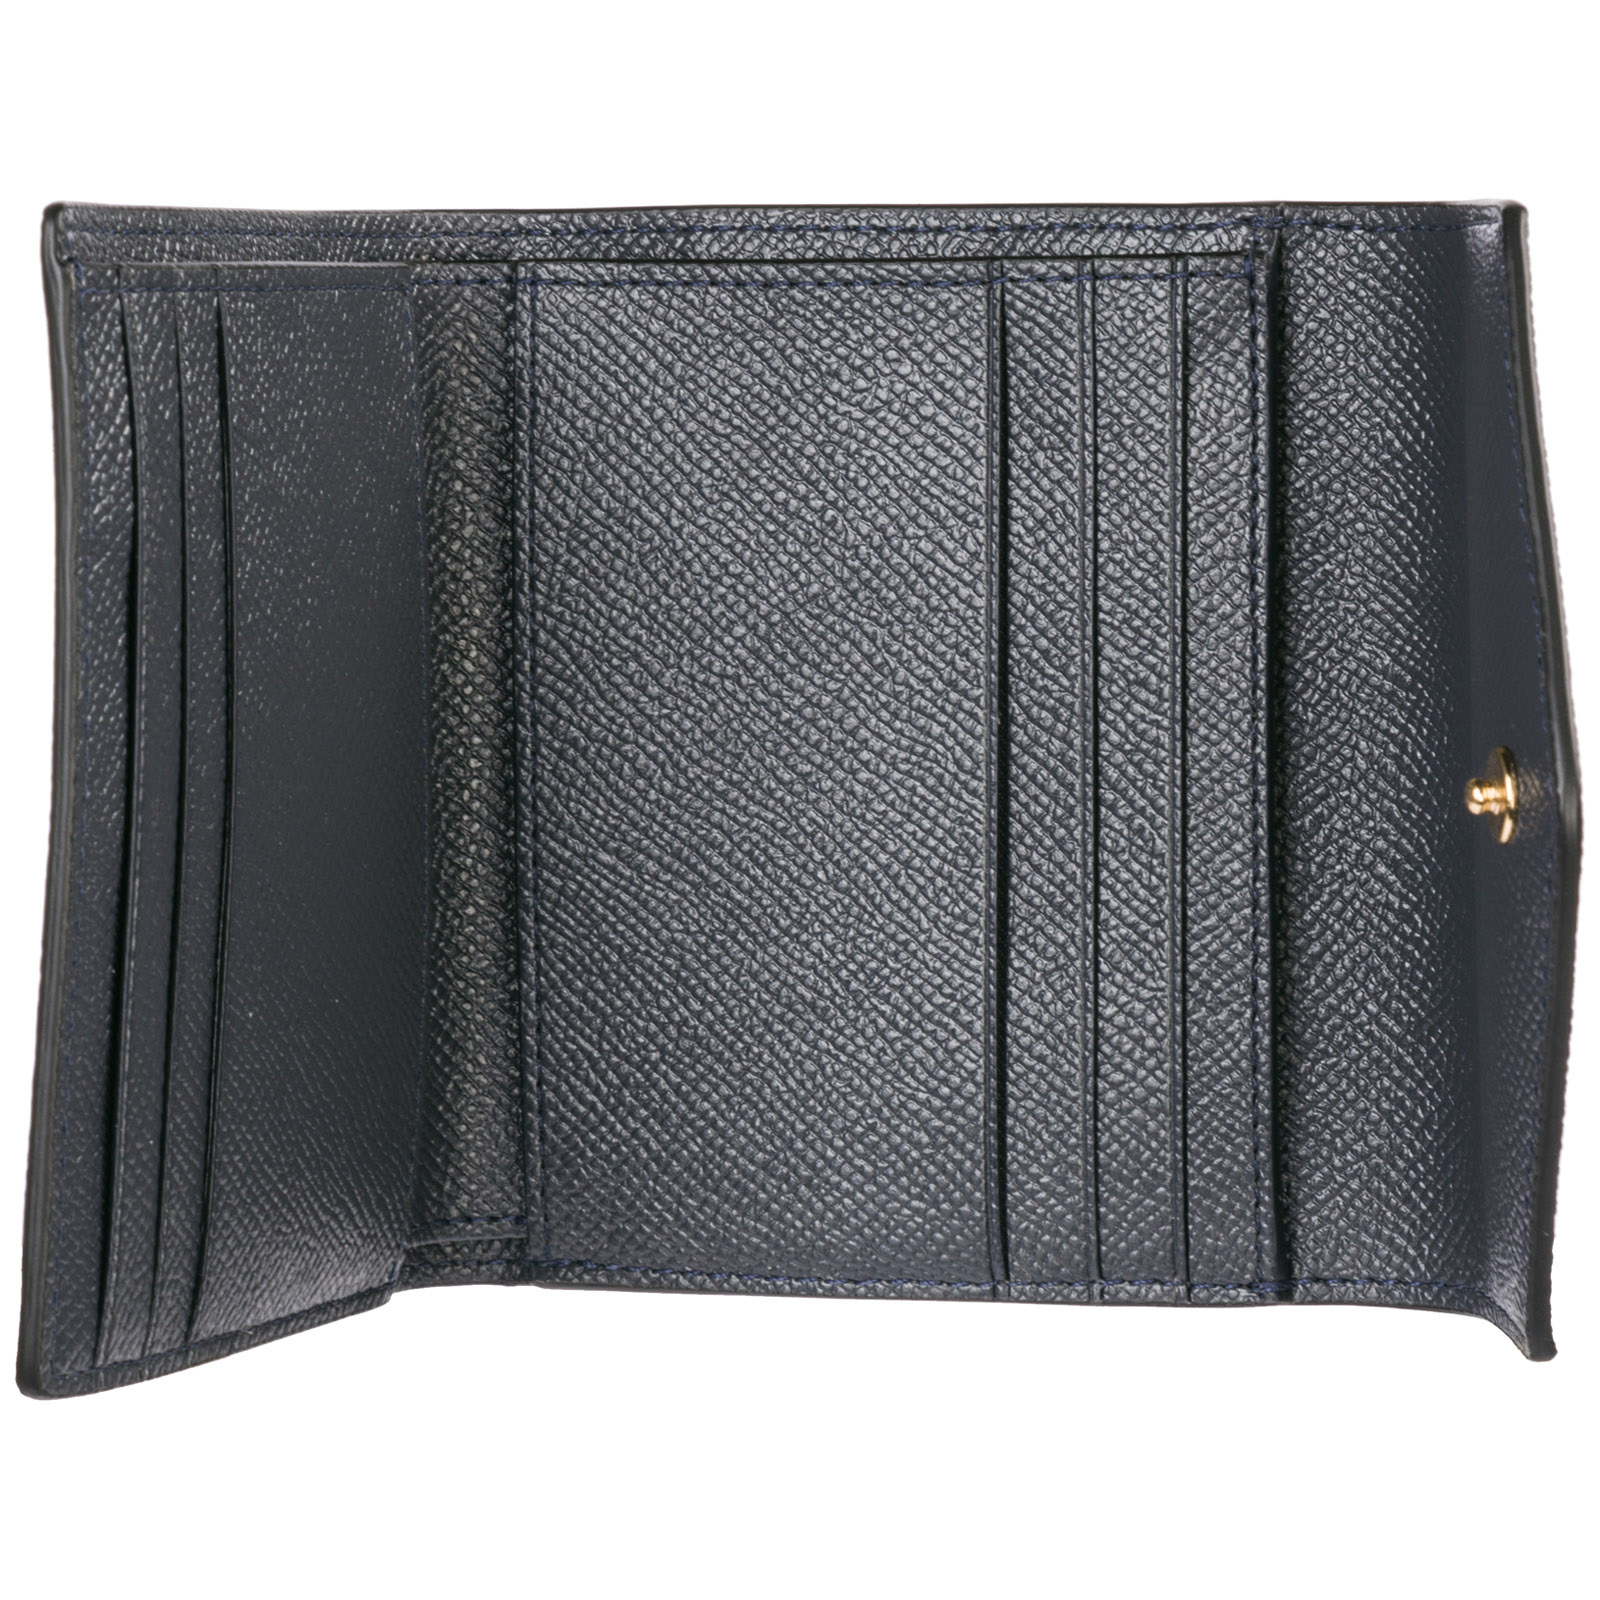 Monedero cartera de mujer en piel trifold